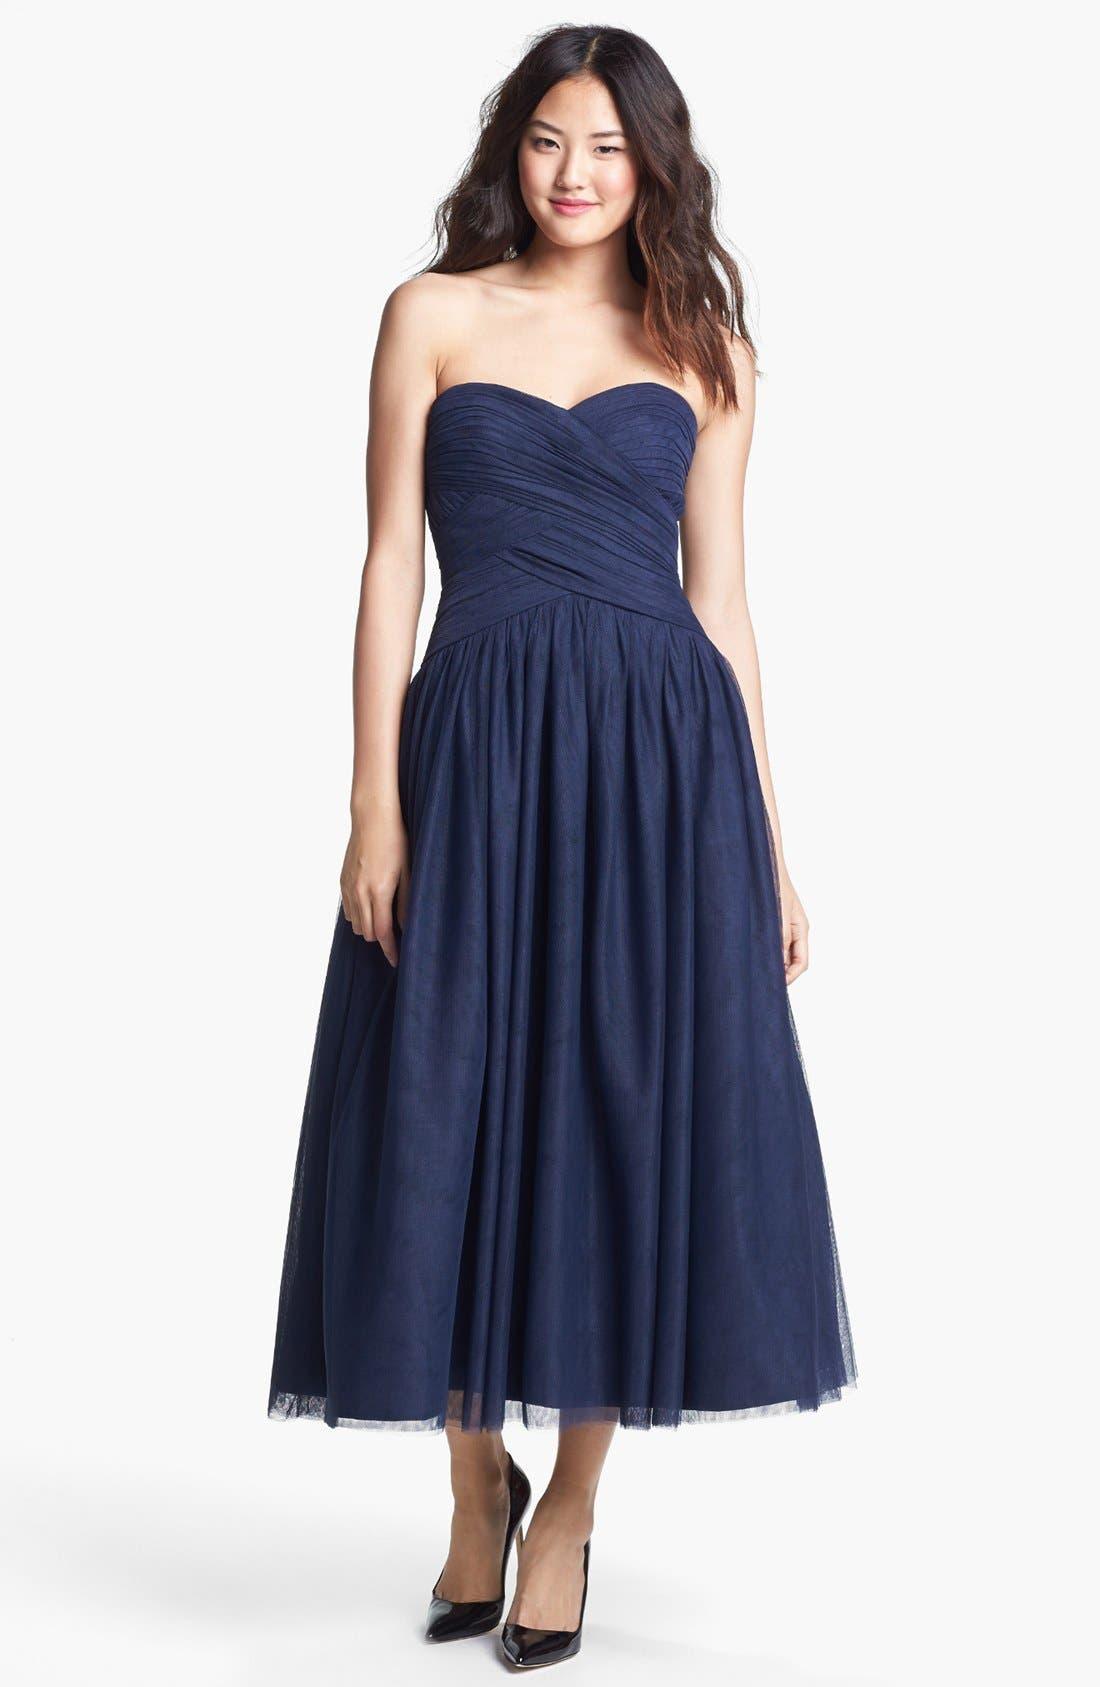 Main Image - ML Monique Lhuillier Tulle Fit & Flare Dress